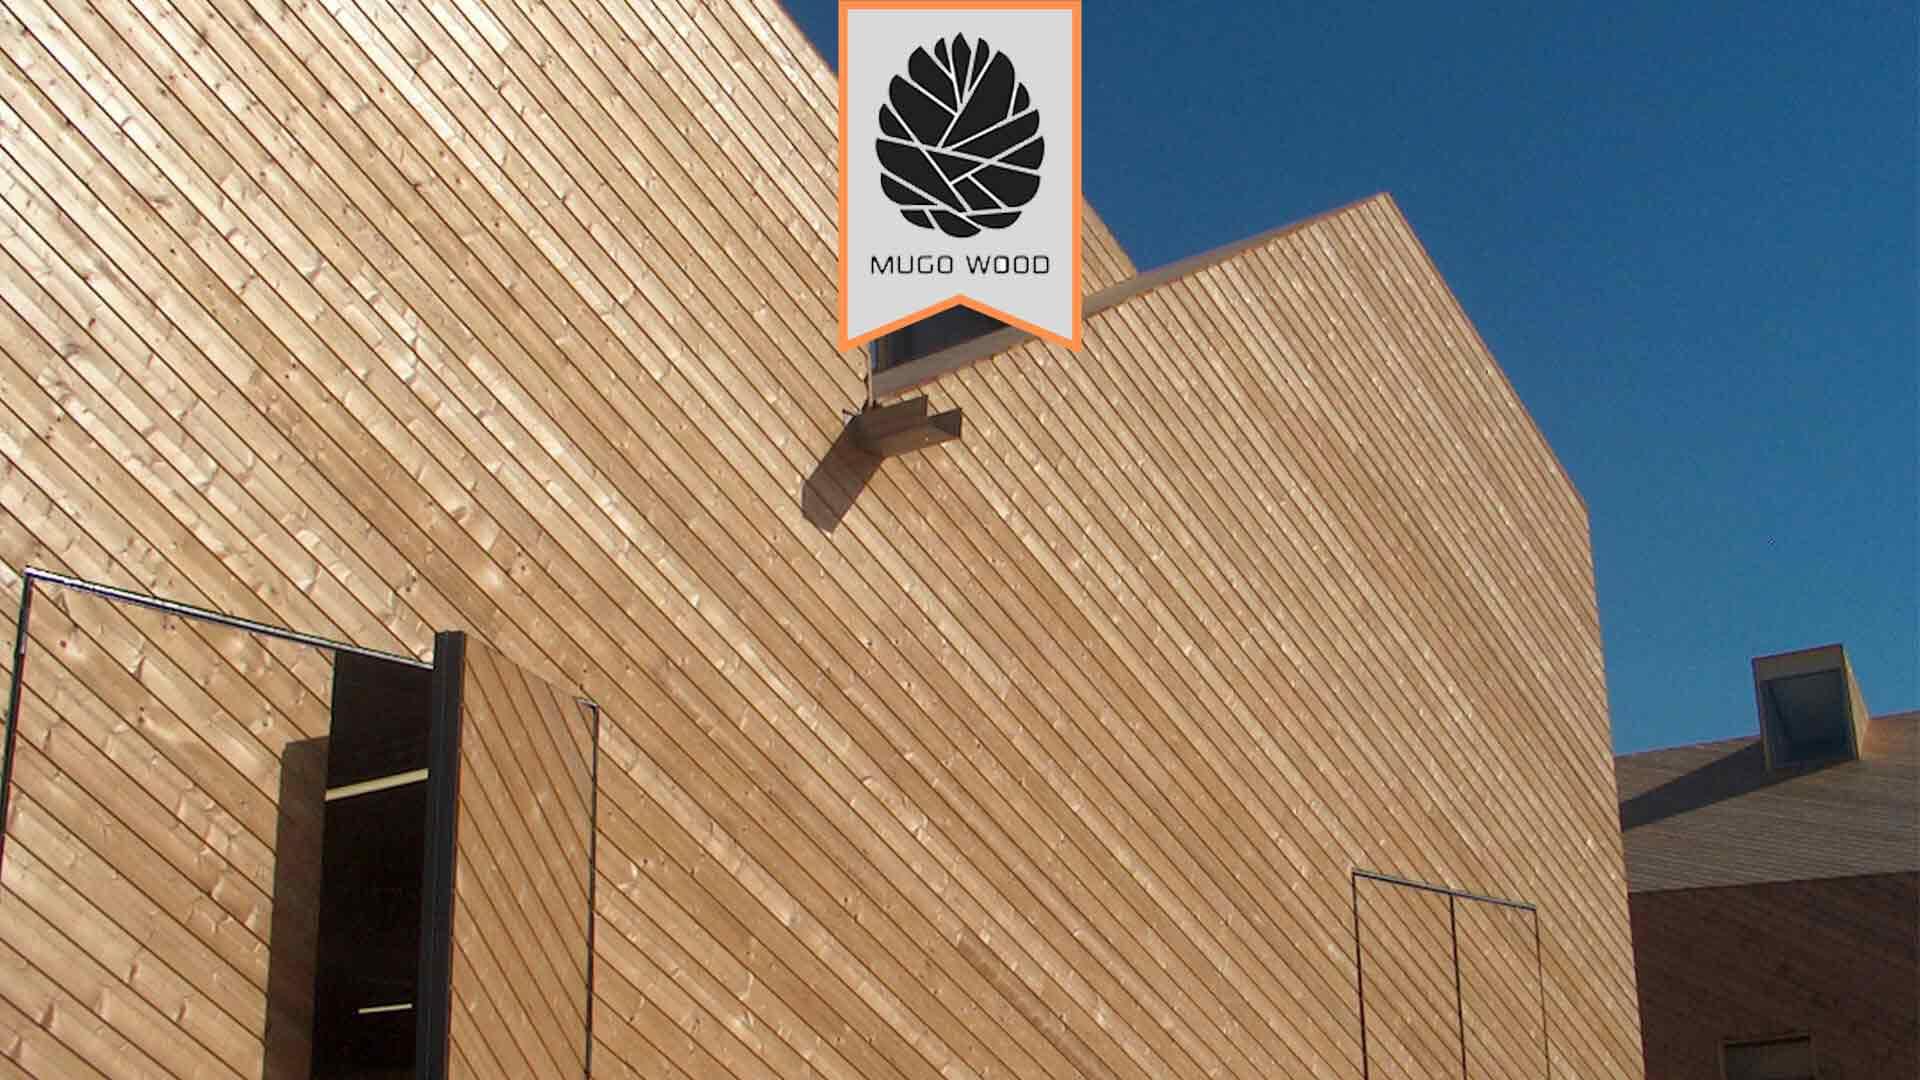 چوب ترمو فنلاند - قیمت چوب ترمو -چوب ترموود - قیمت چوب ترموود - فروش چوب ترمو فنلاندی